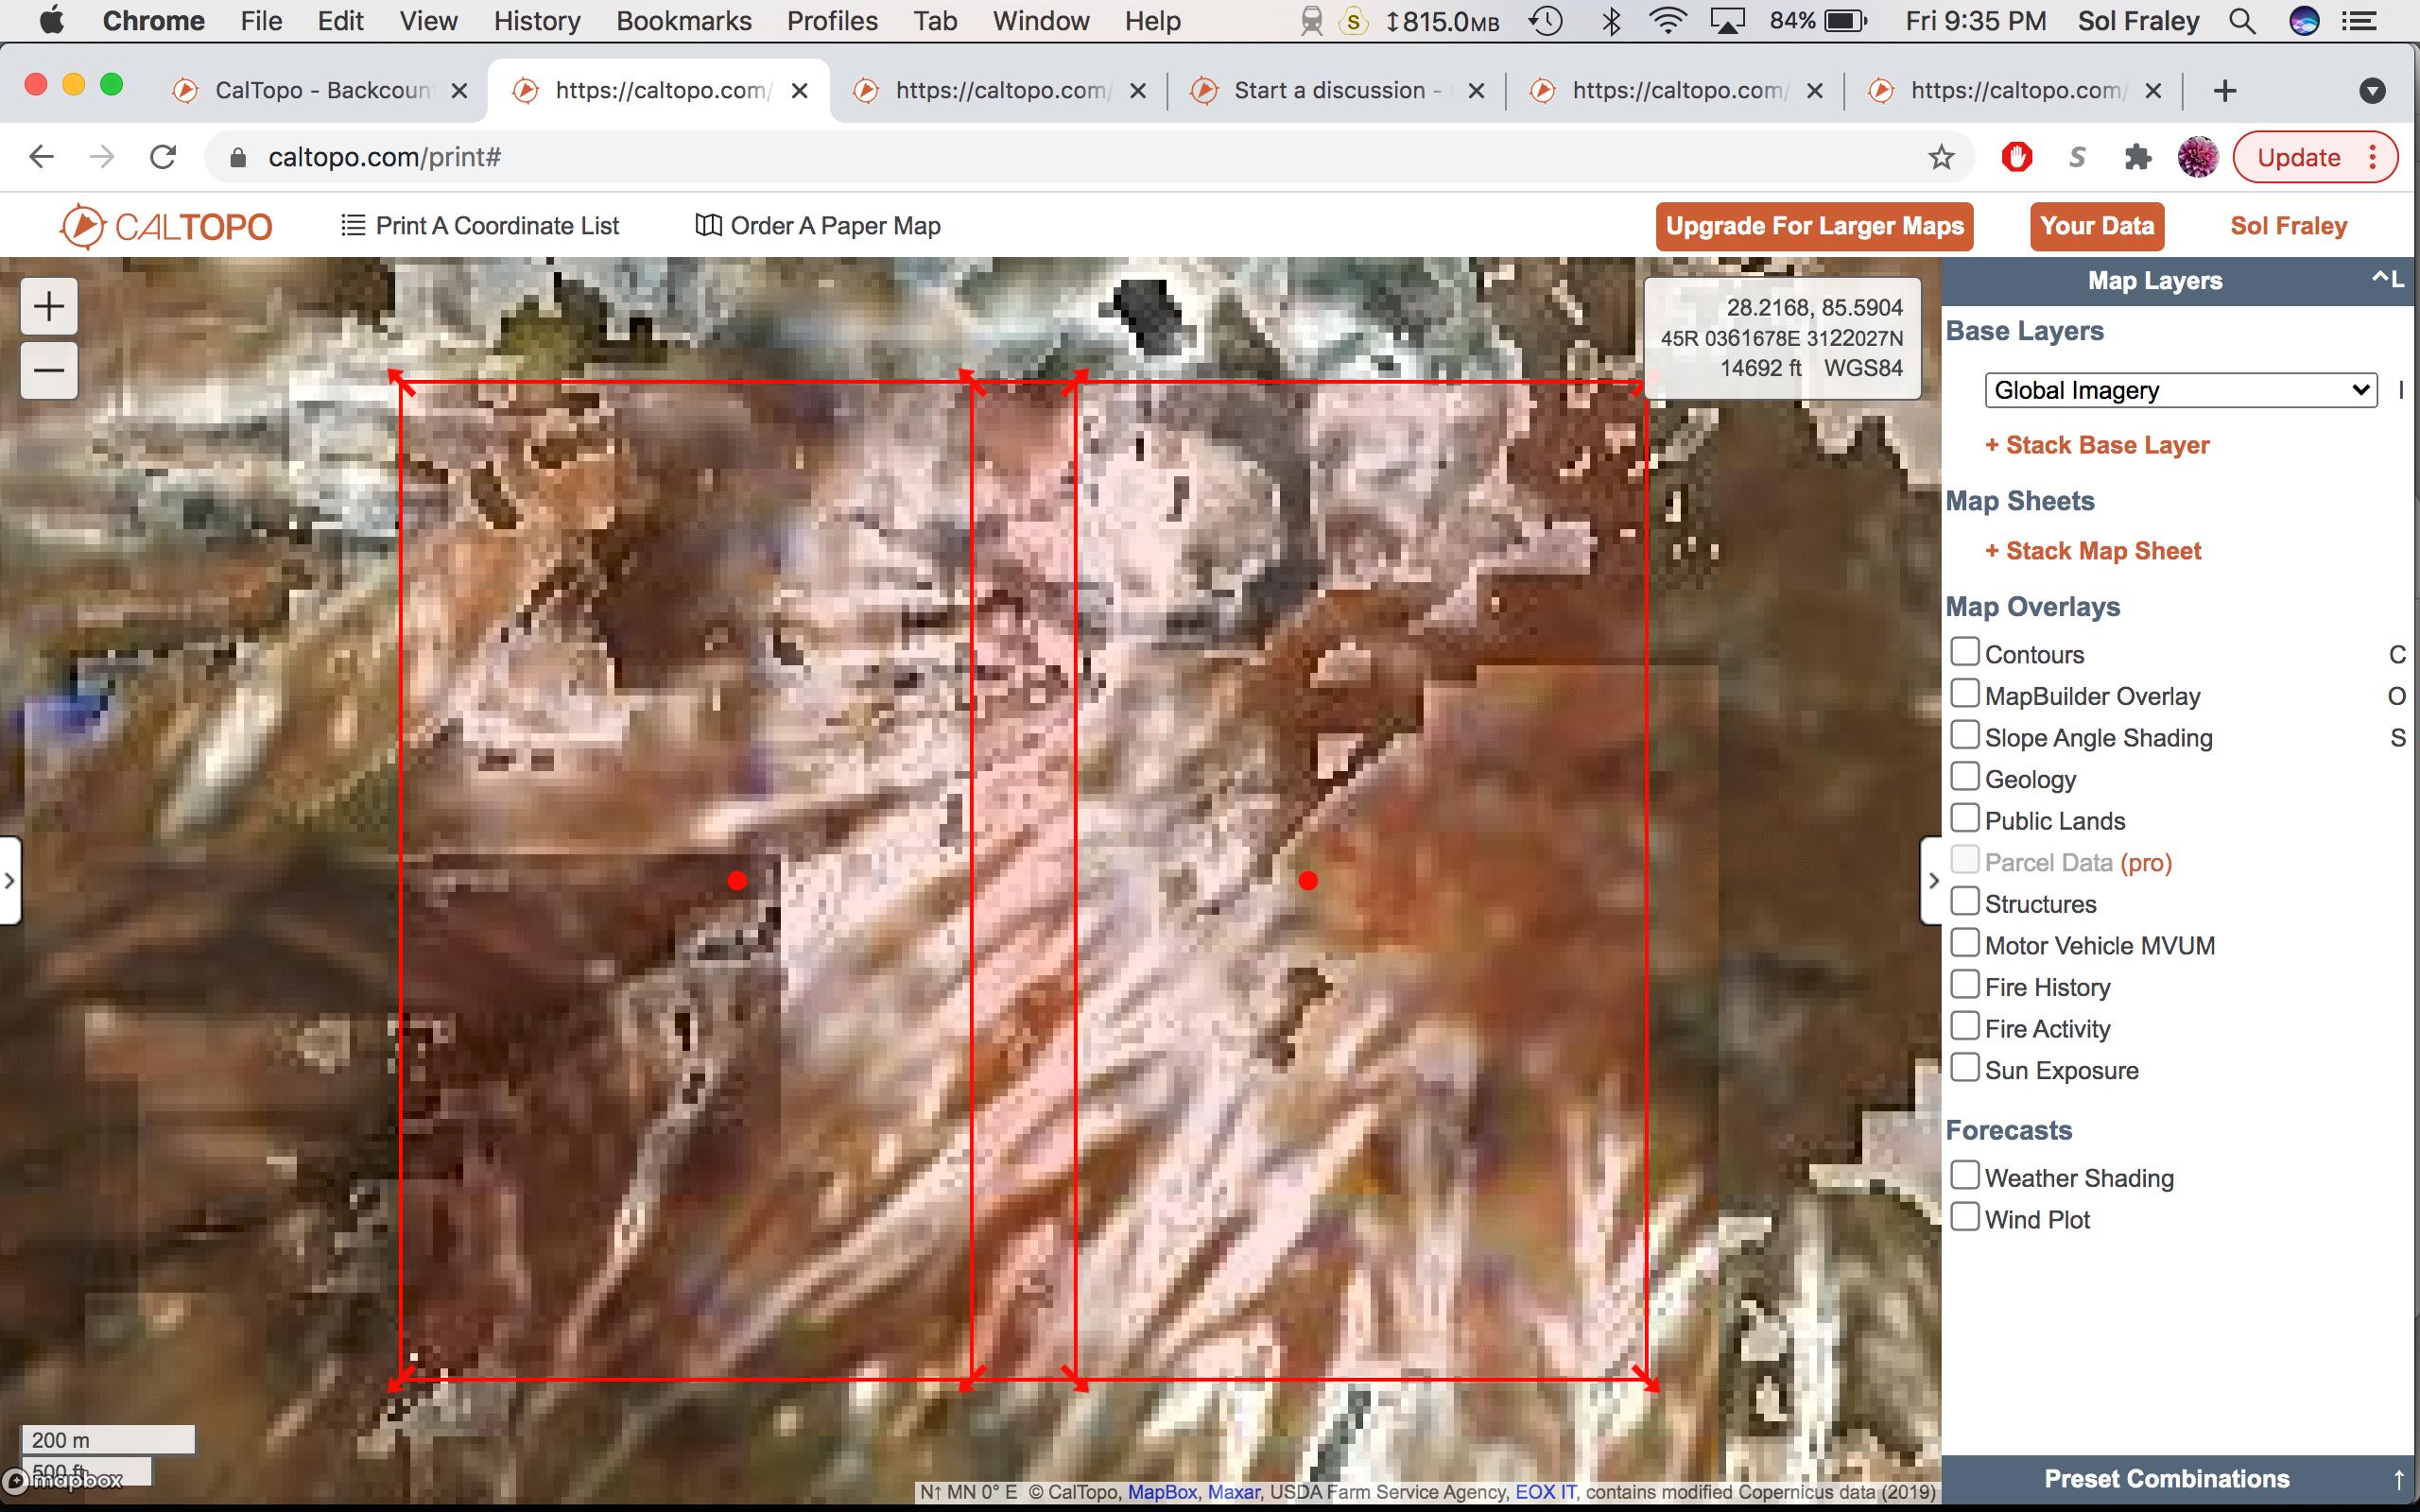 Screen_shot_2021-06-11_at_9.35.43_pm